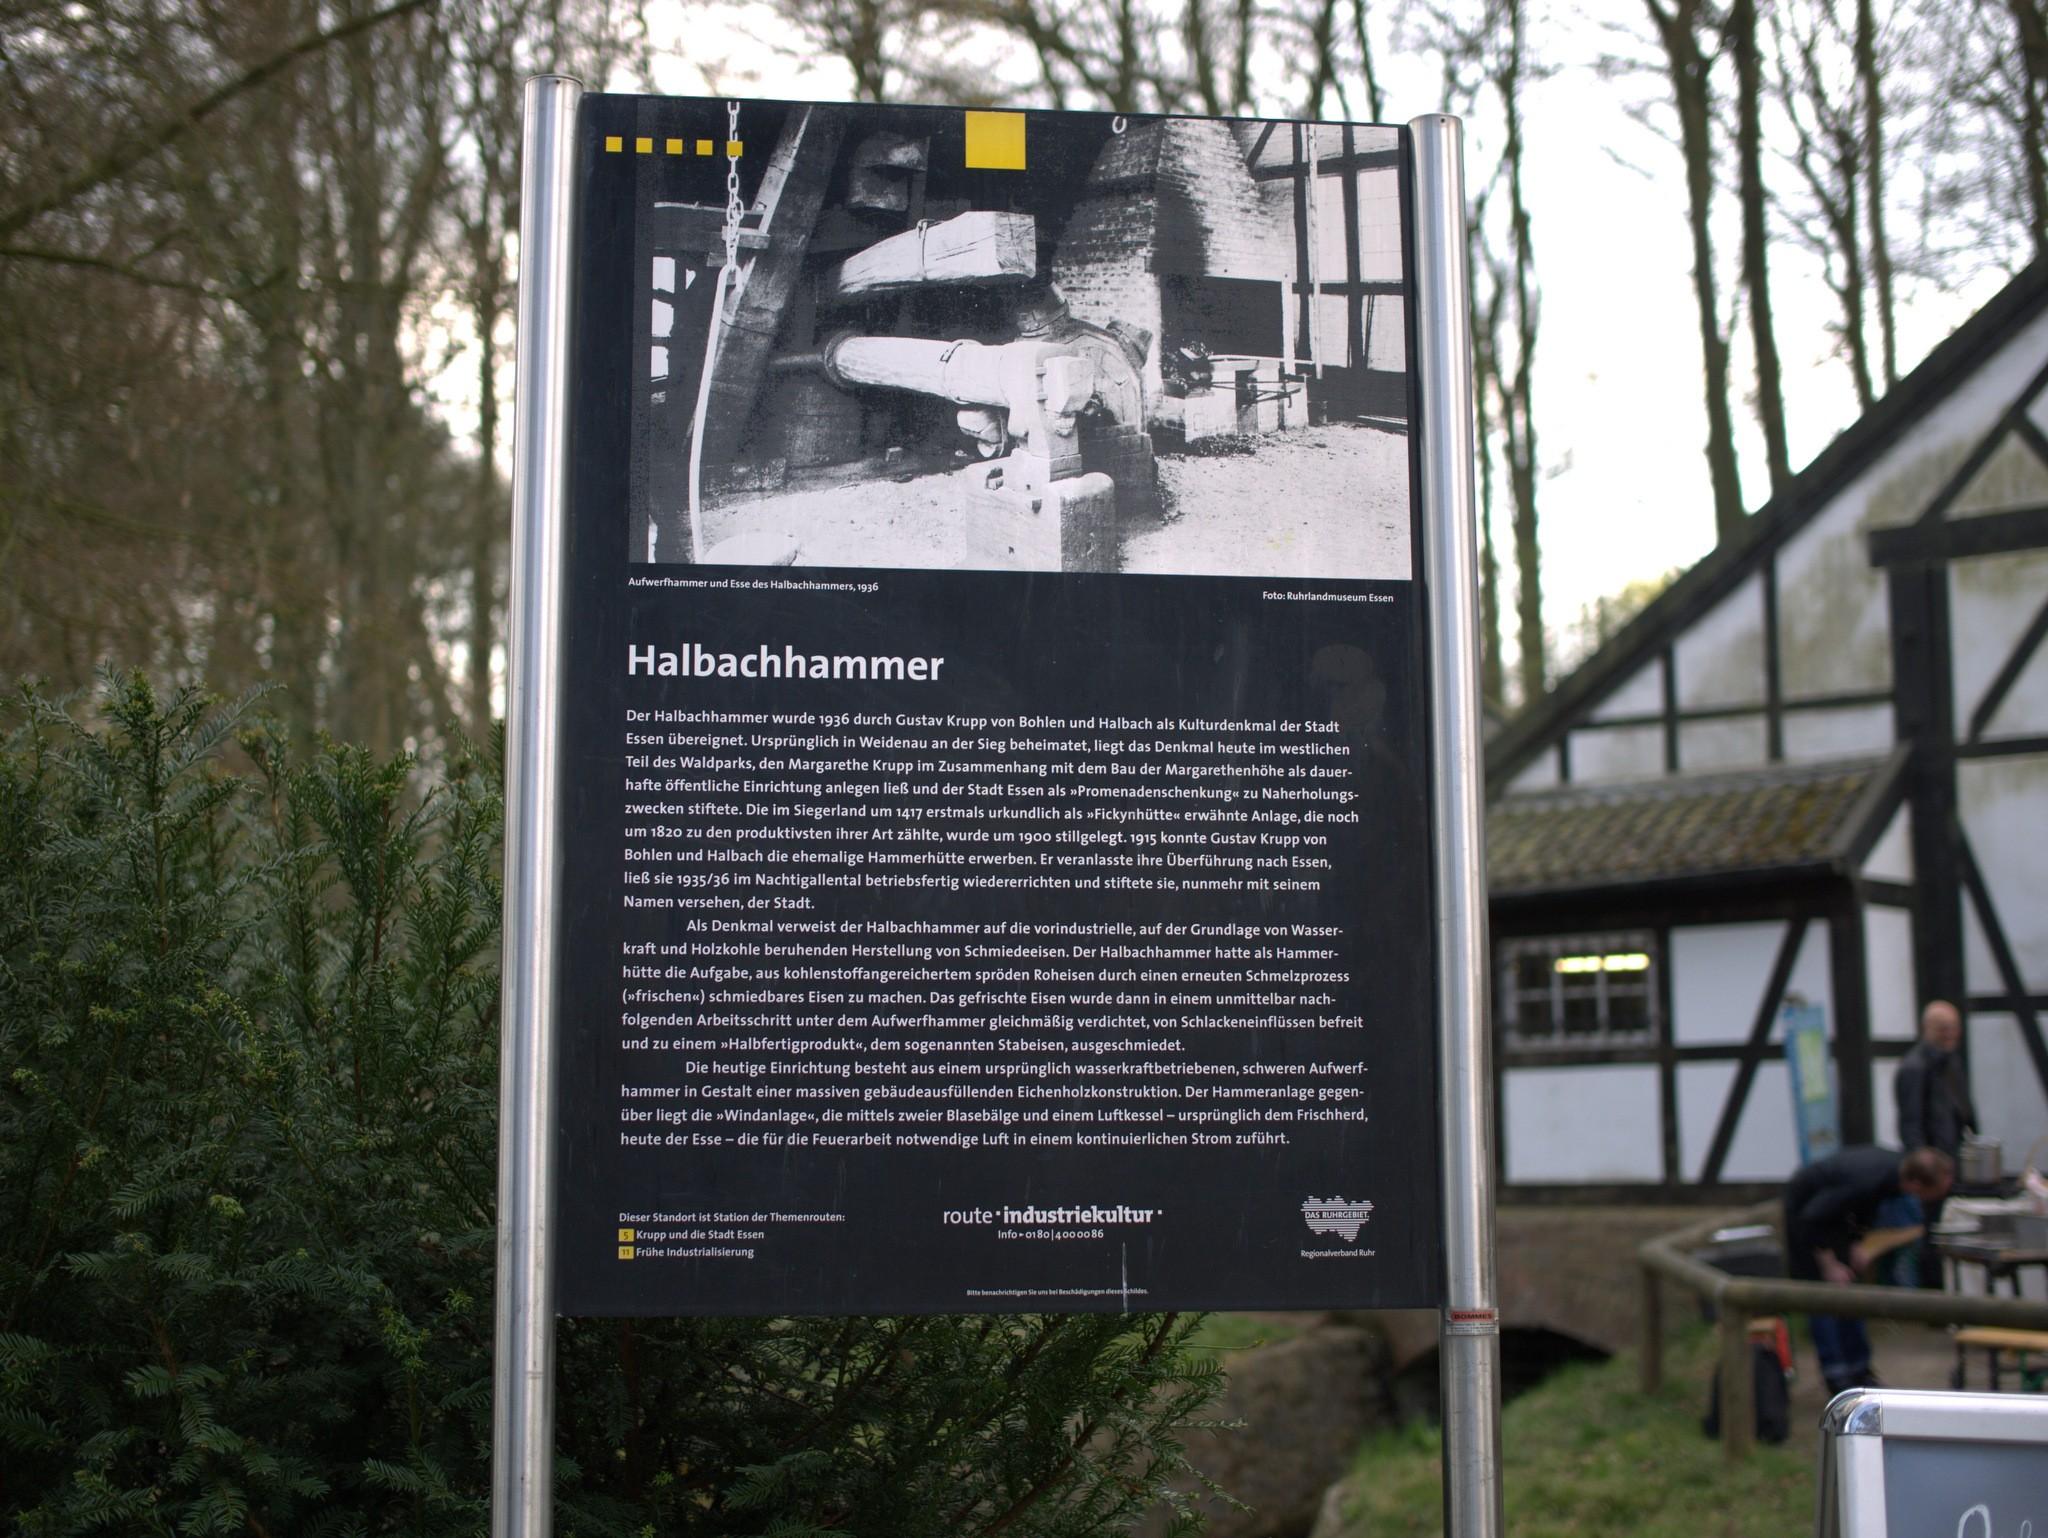 Der Halbachhammer ist Teil der Route Industriekultur